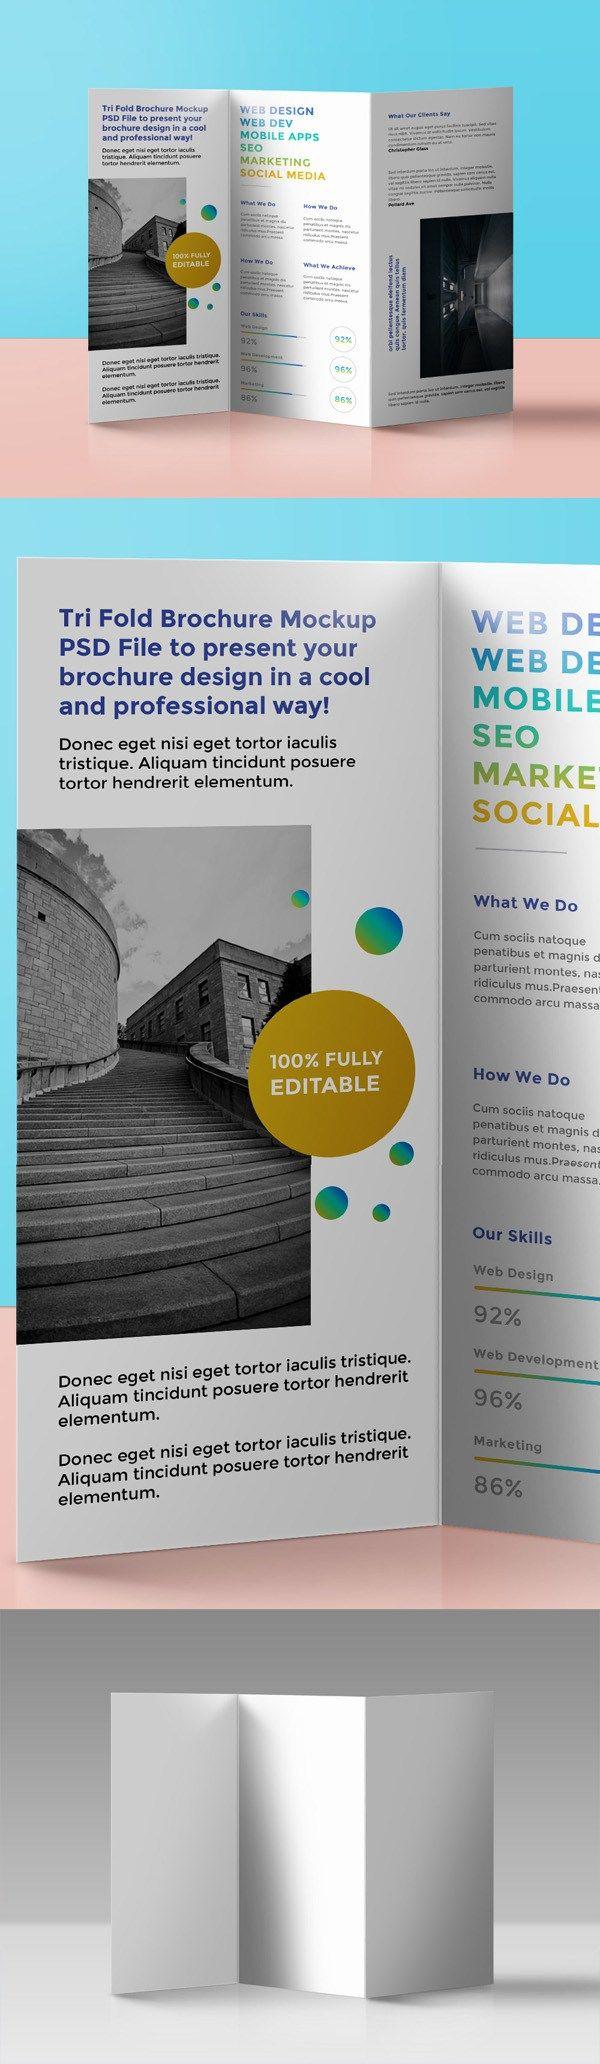 Hervorragend Les 25 meilleures idées de la catégorie Brochure mockup psd sur  XU55